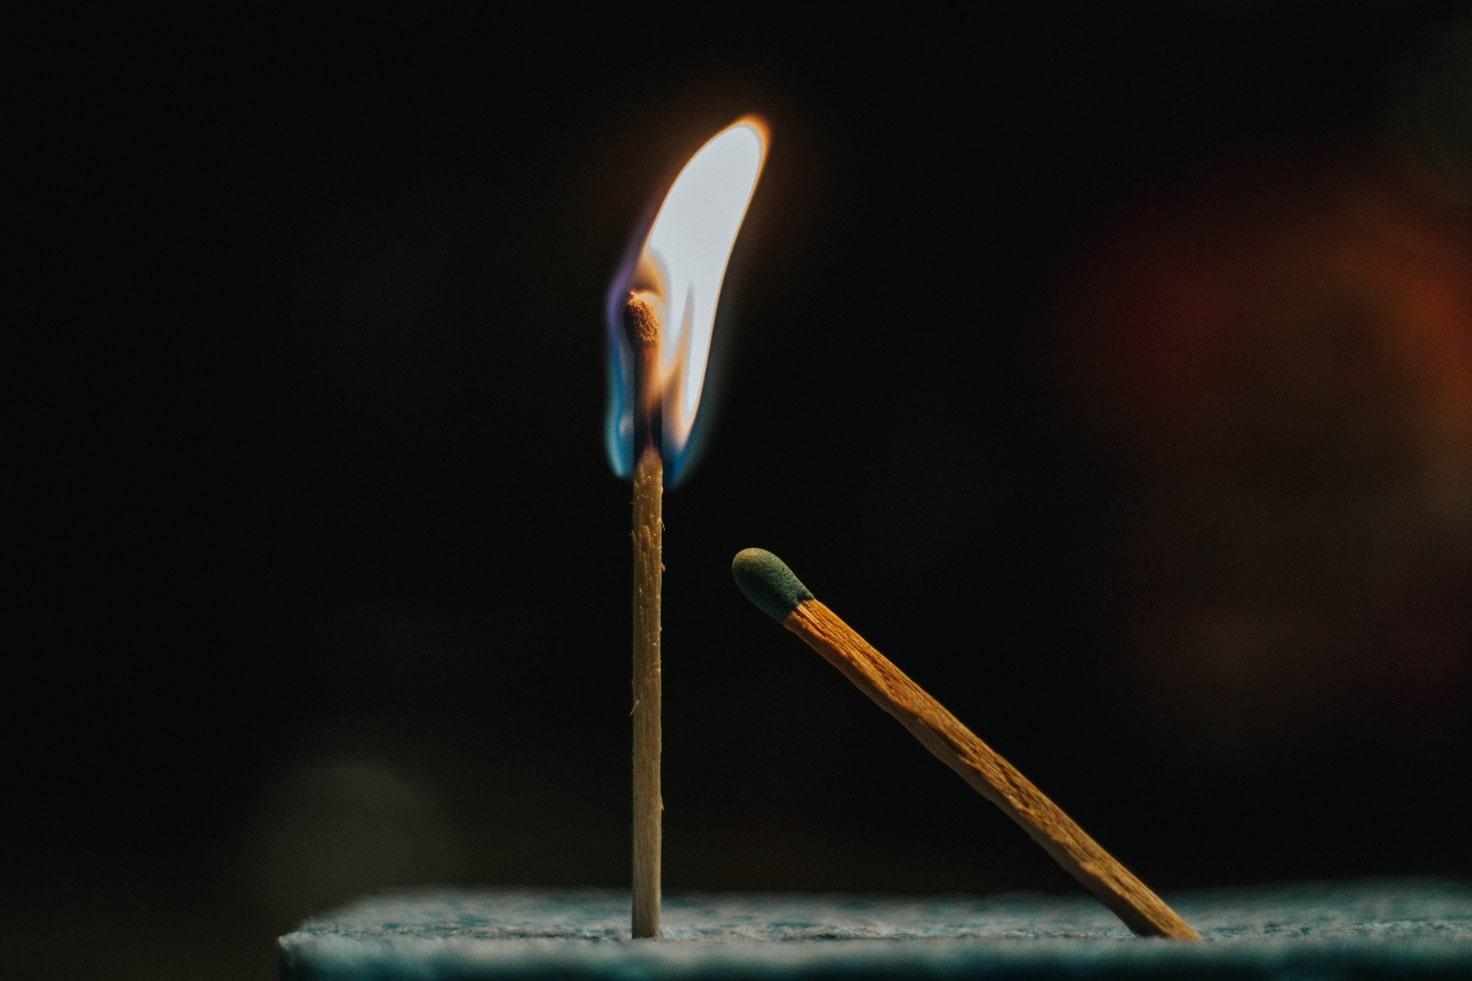 Pater Karel Informatie - In duisternis geeft een lucifer veel licht